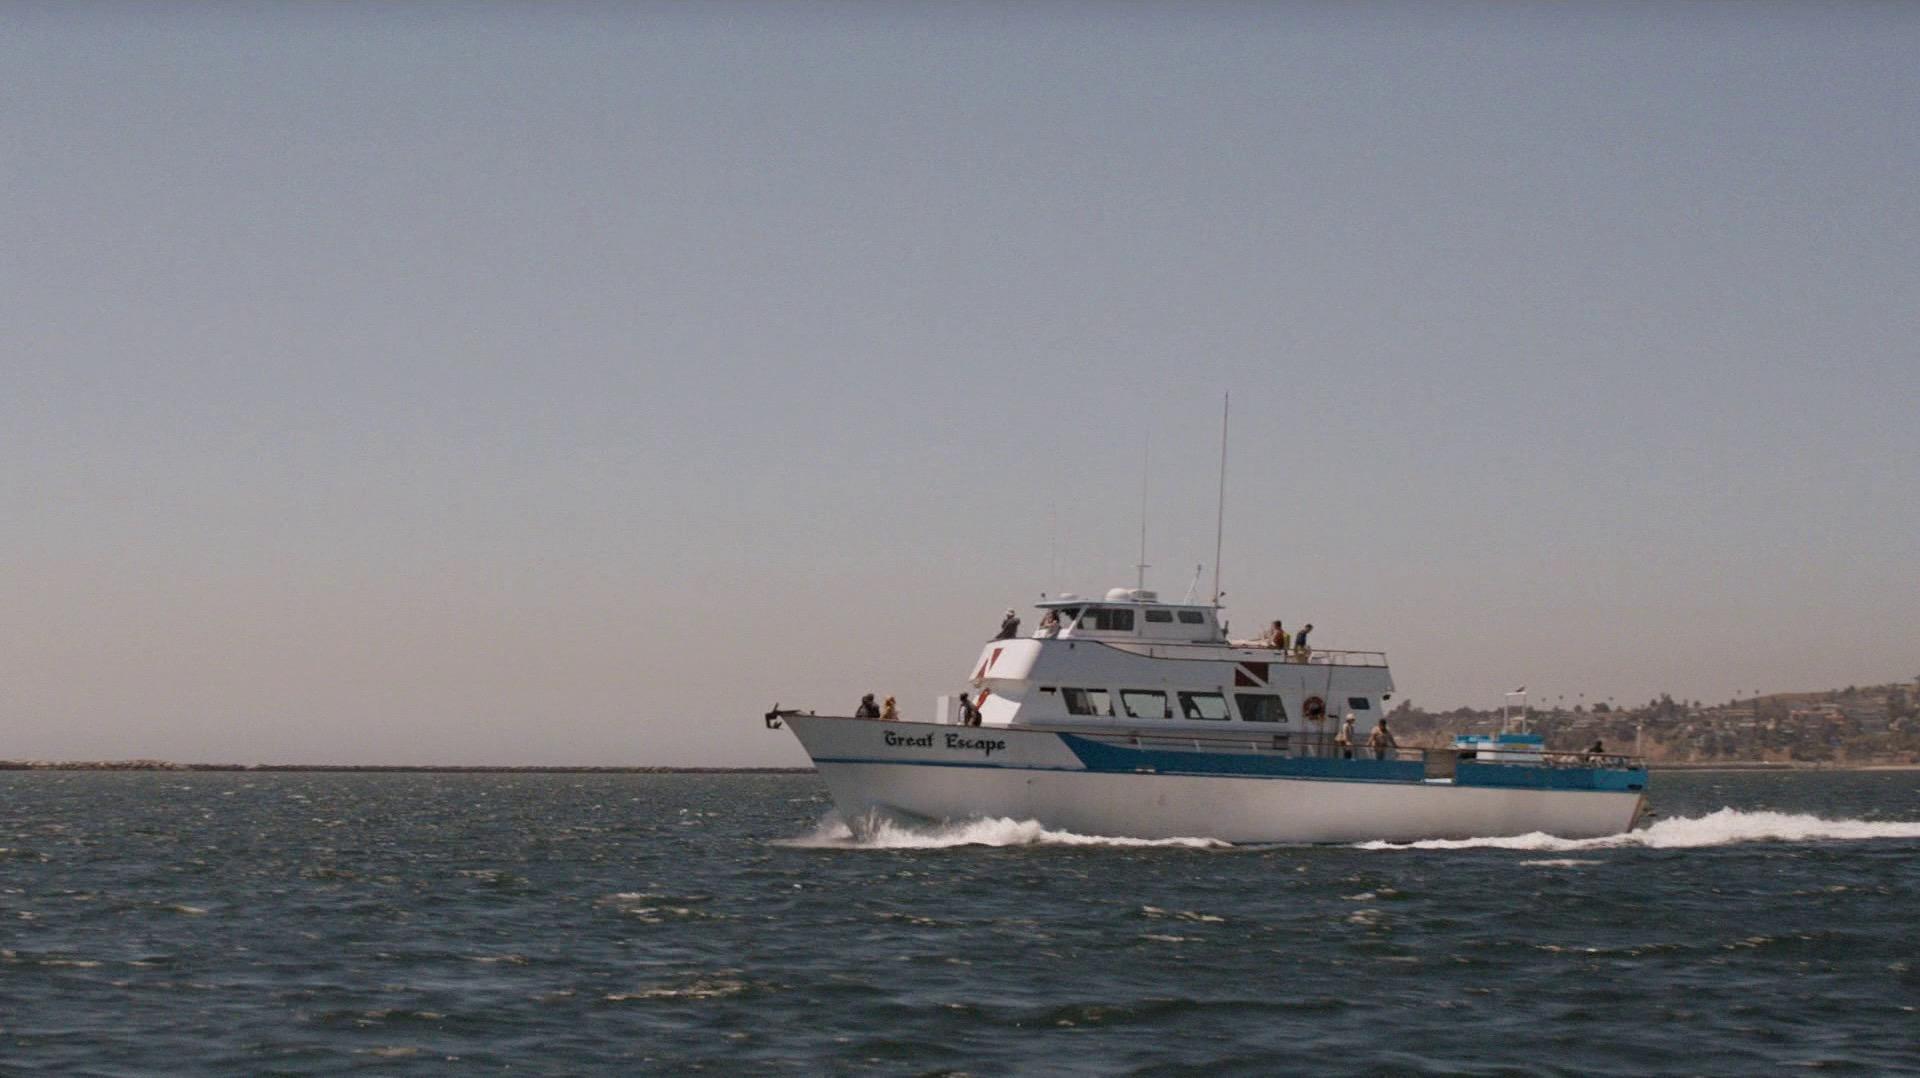 The great escape boat